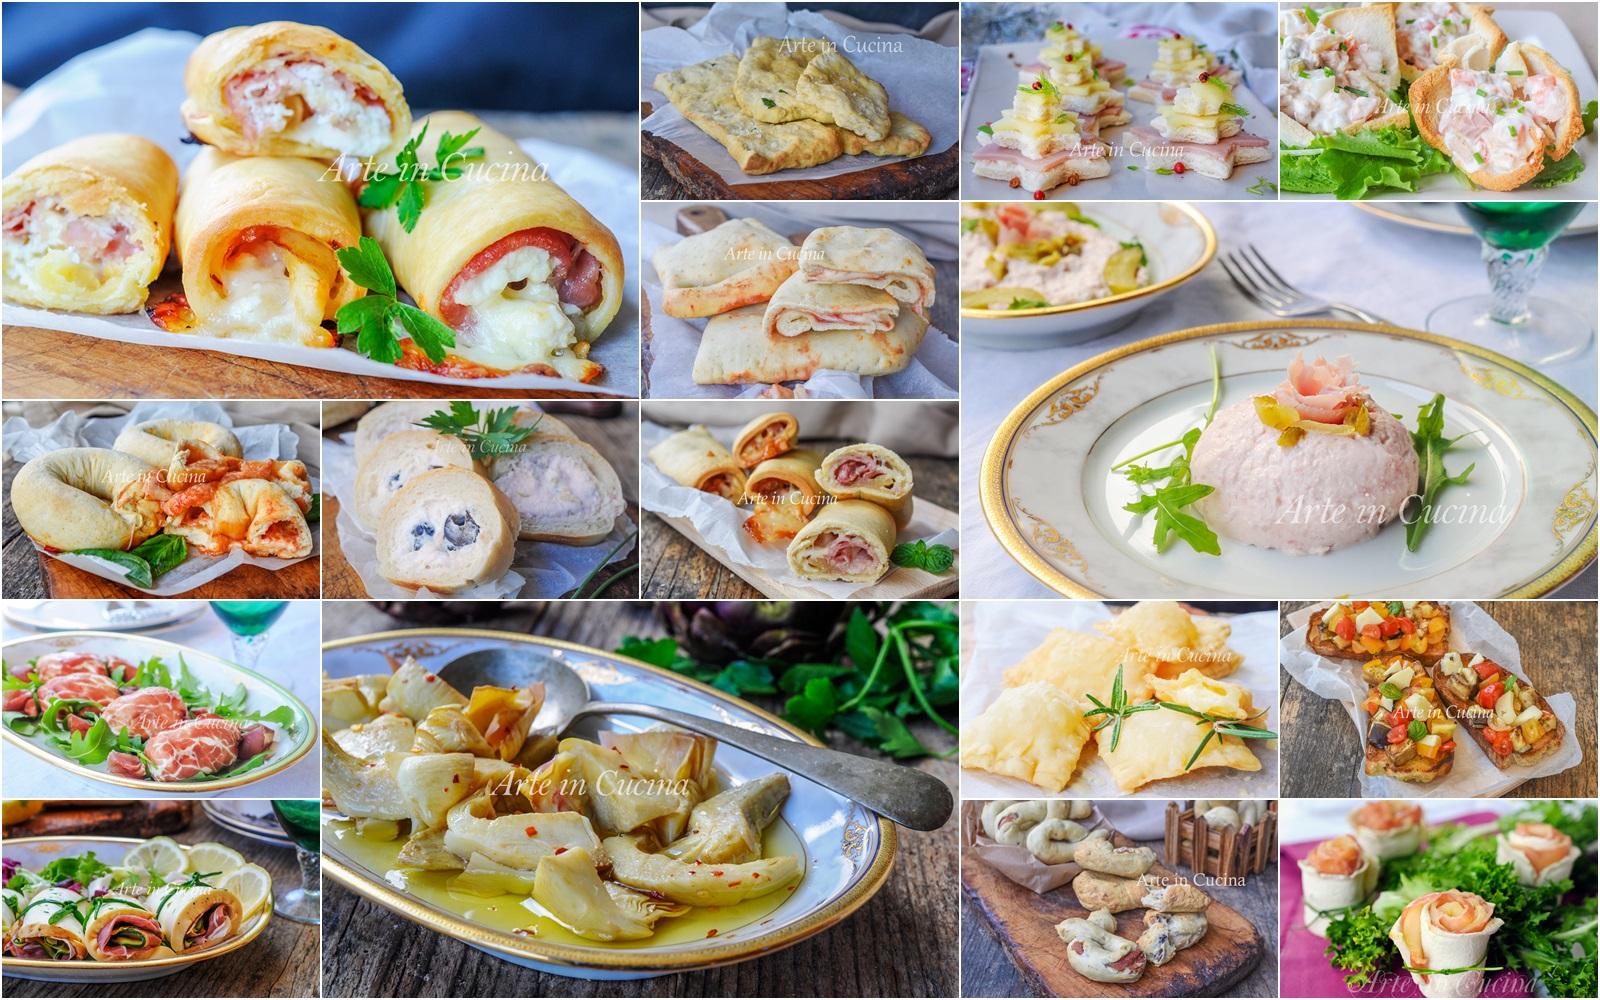 Ricette salate veloci e facili idee sfiziose in poco tempo for Ricette veloci facili